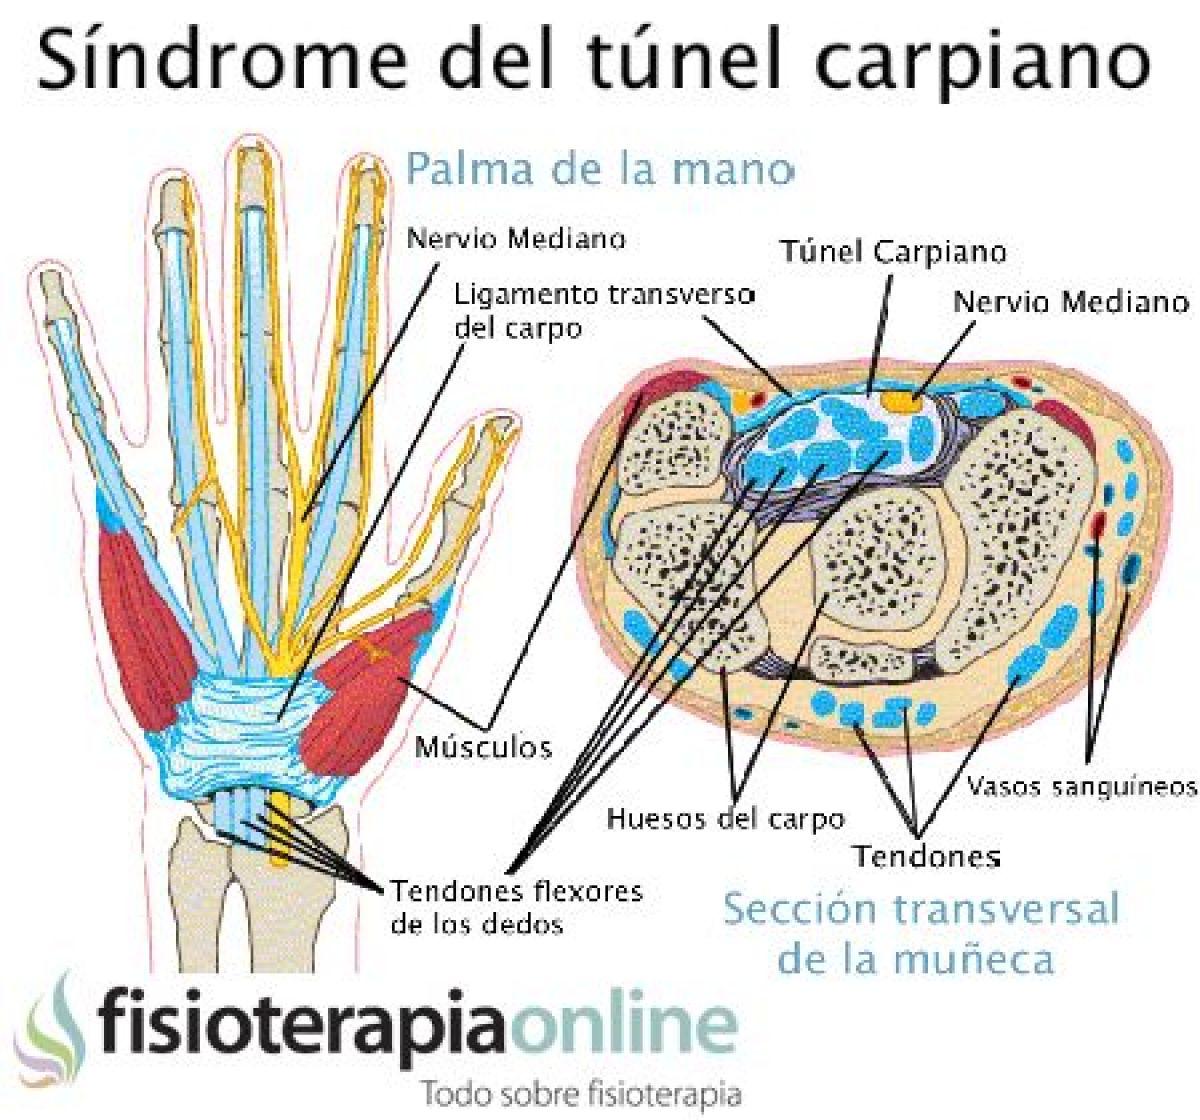 Síndrome del túnel carpiano. Causas y tratamiento